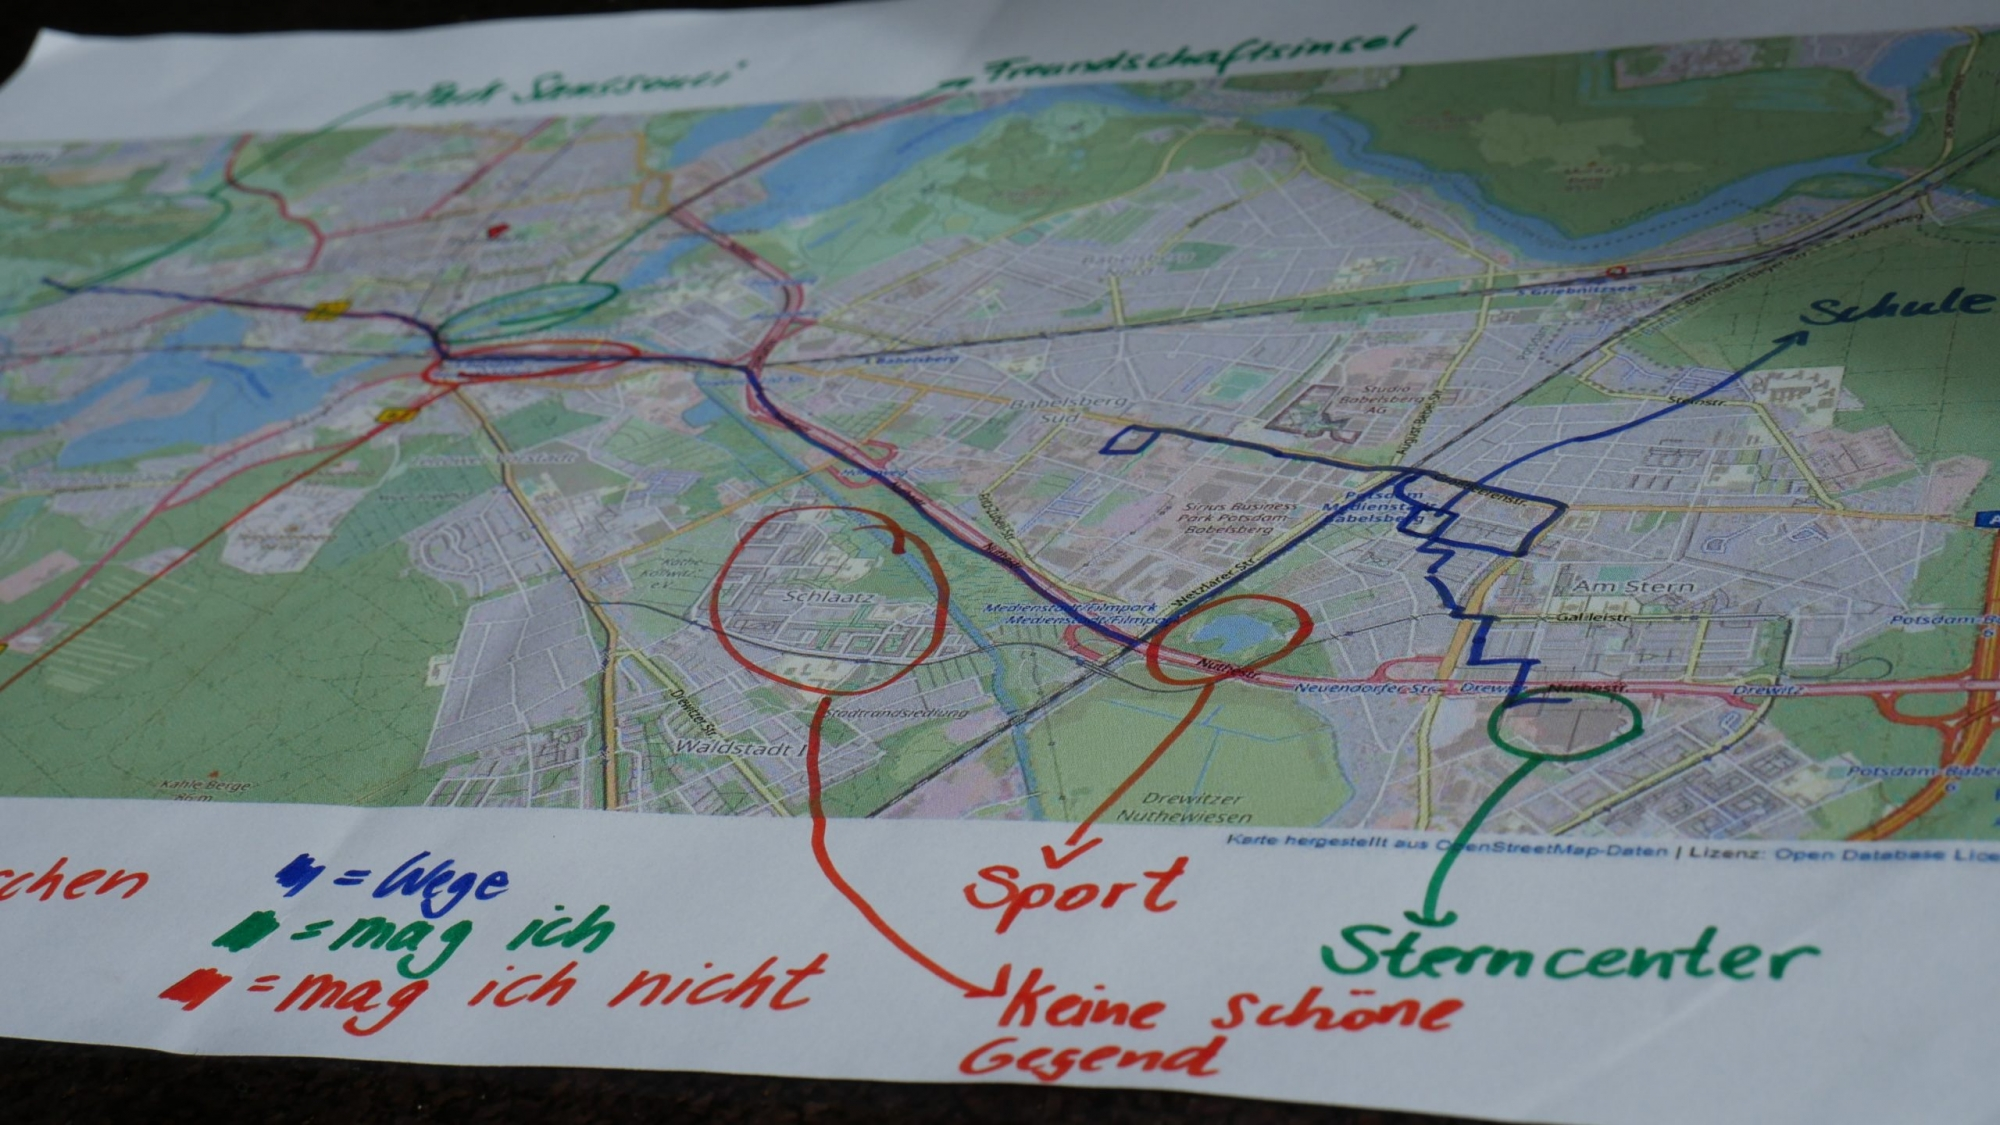 Landkarte von Potsdam, in die Wege und Orte mit farbigen Stiften eingezeichnet sind.